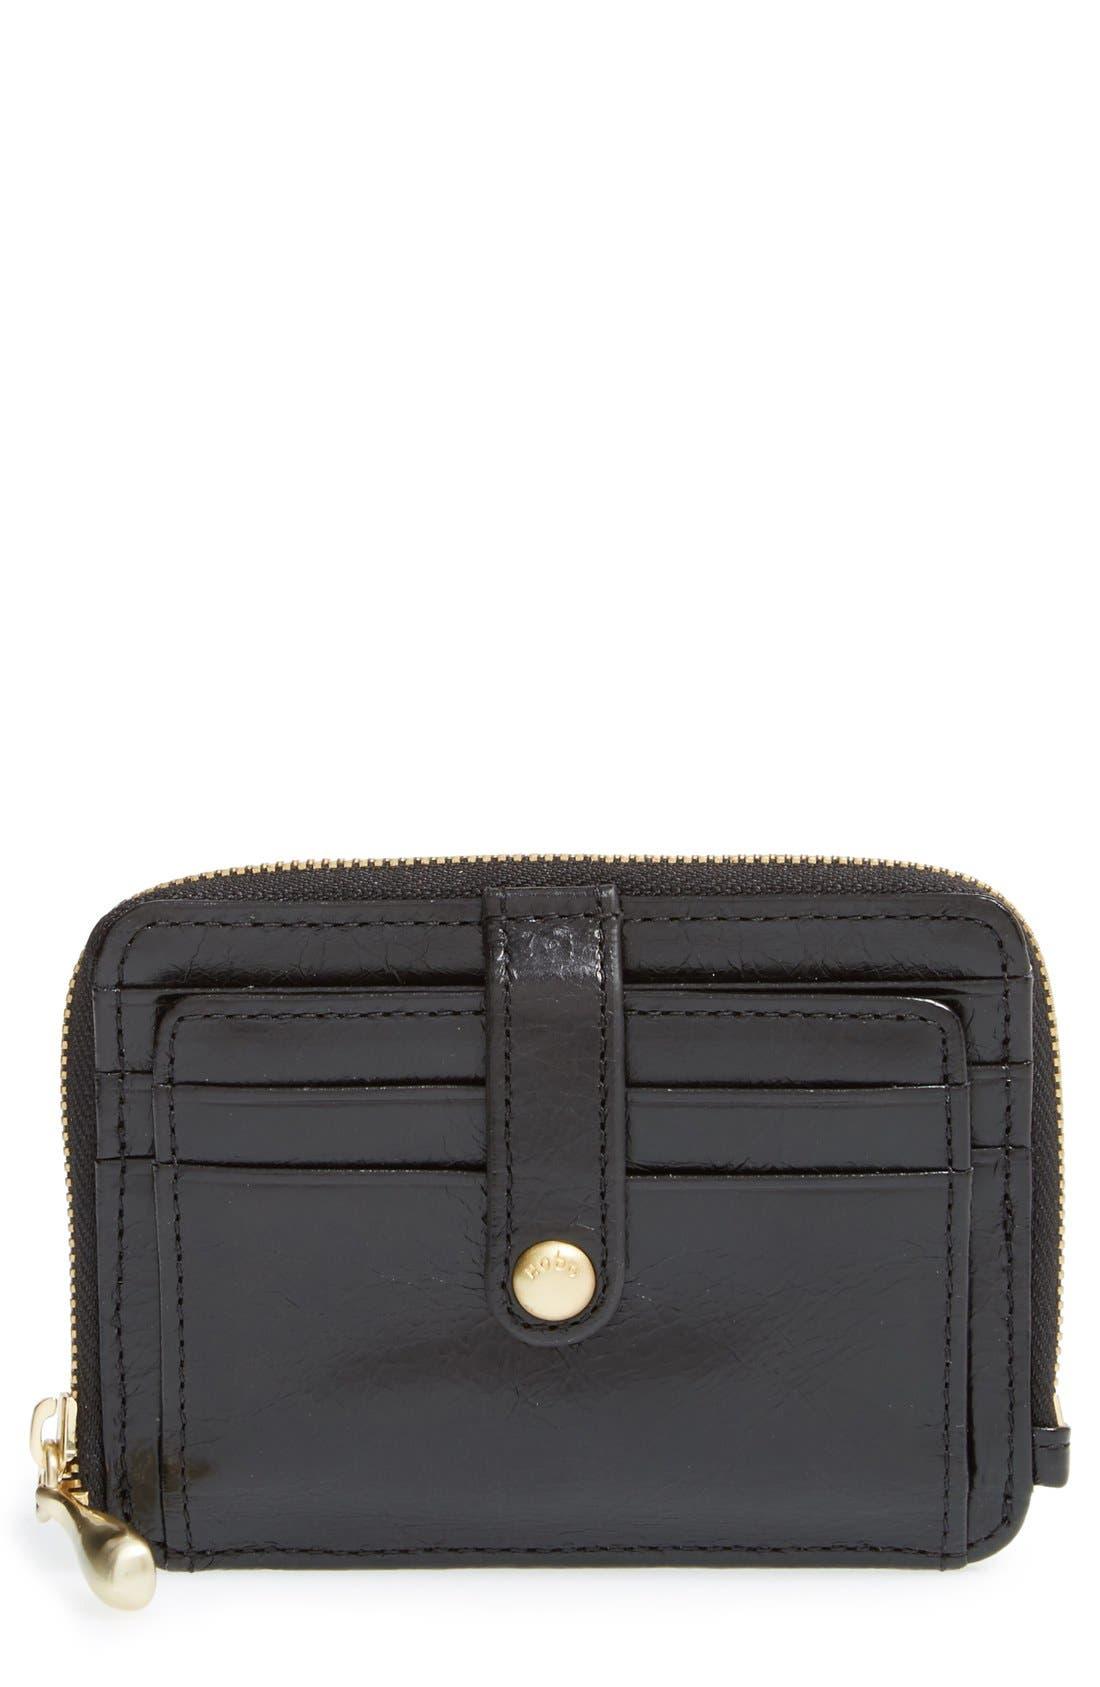 Main Image - Hobo 'Katya' Leather Wallet